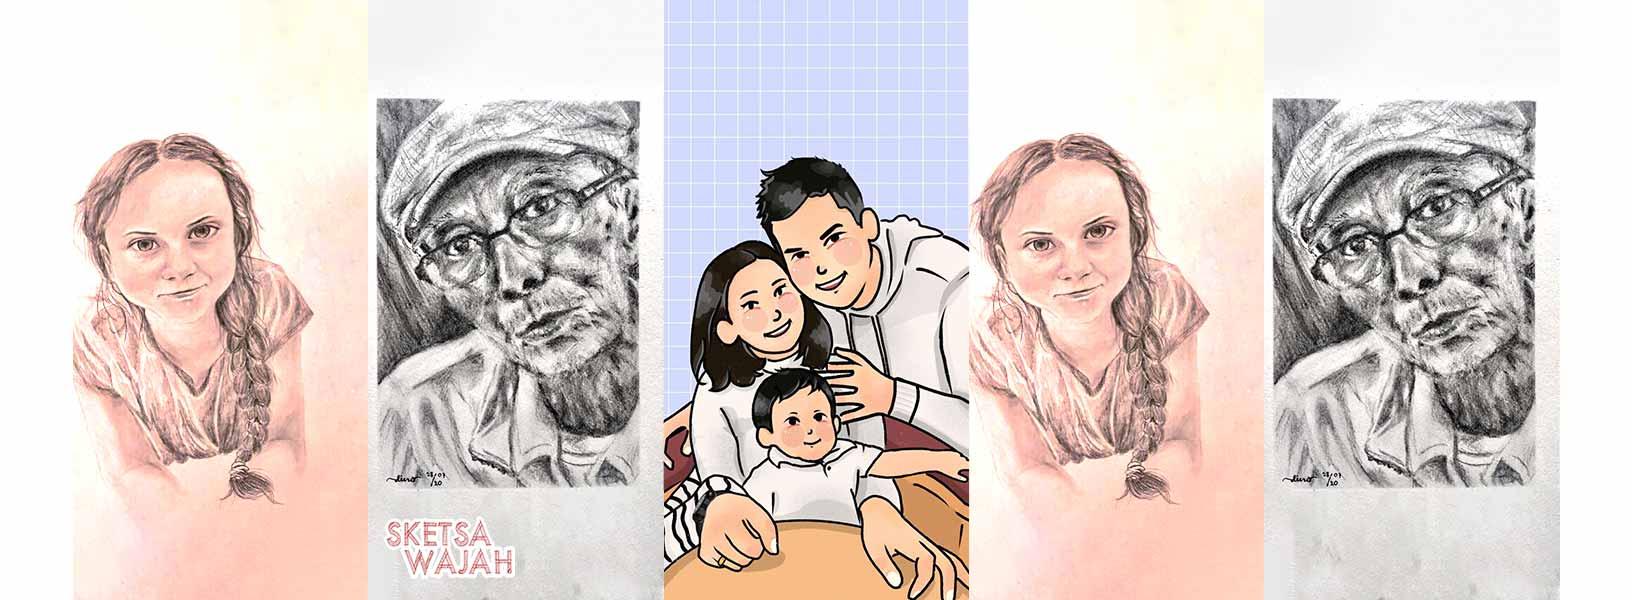 Karya Diah Nopialita sketcher Sketsa Wajah